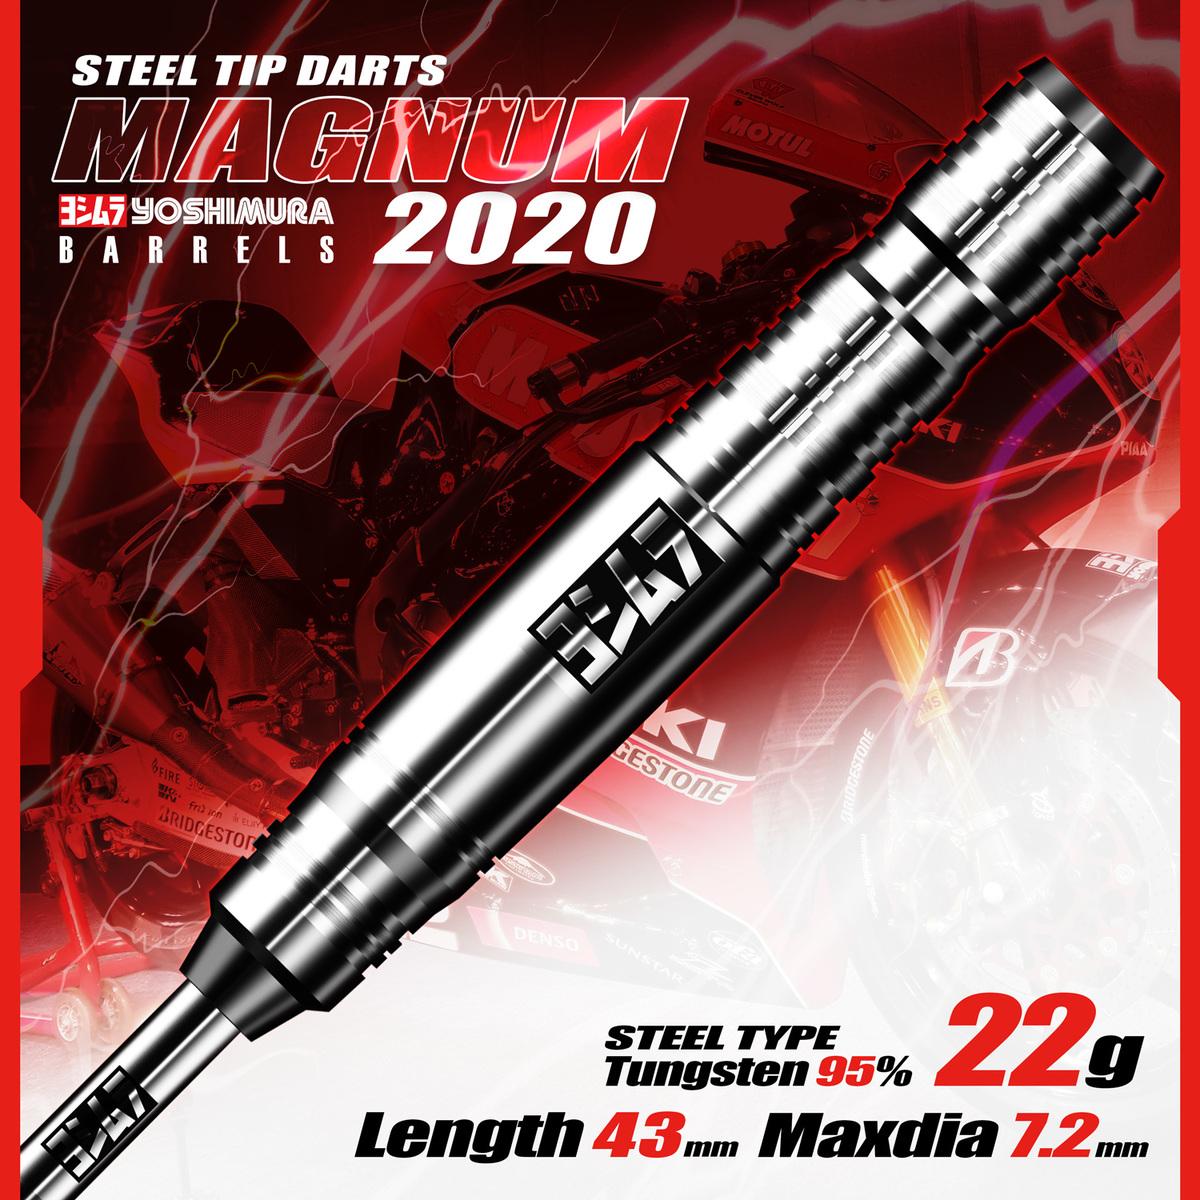 2020モデル第2弾 送料無料 休日 ダーツ バレル ヨシムラバレルズ MAGNUM 新品 YOSHIMURA 標準装着 2020 Steel NEEDLE